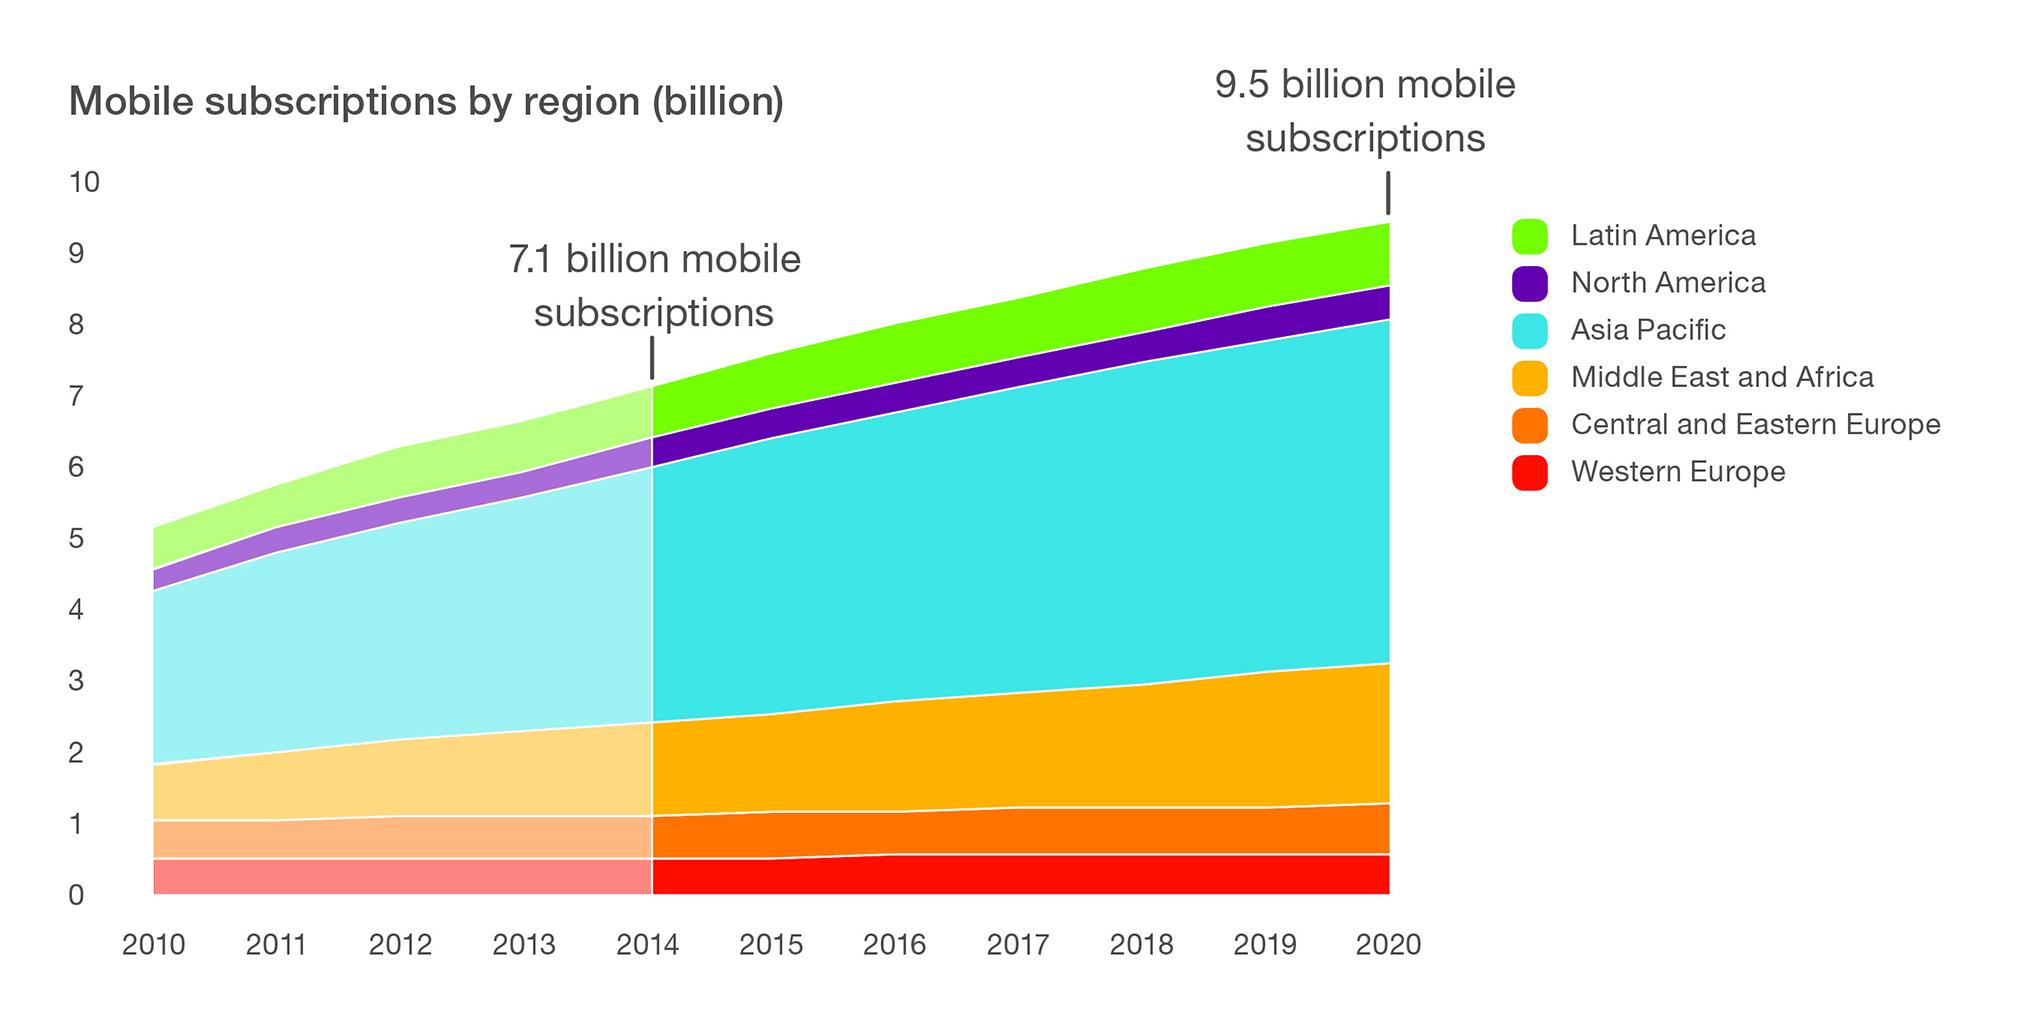 Прогнозируемый рост числа устройств, подключенных к мобильному интернету до 2020 года